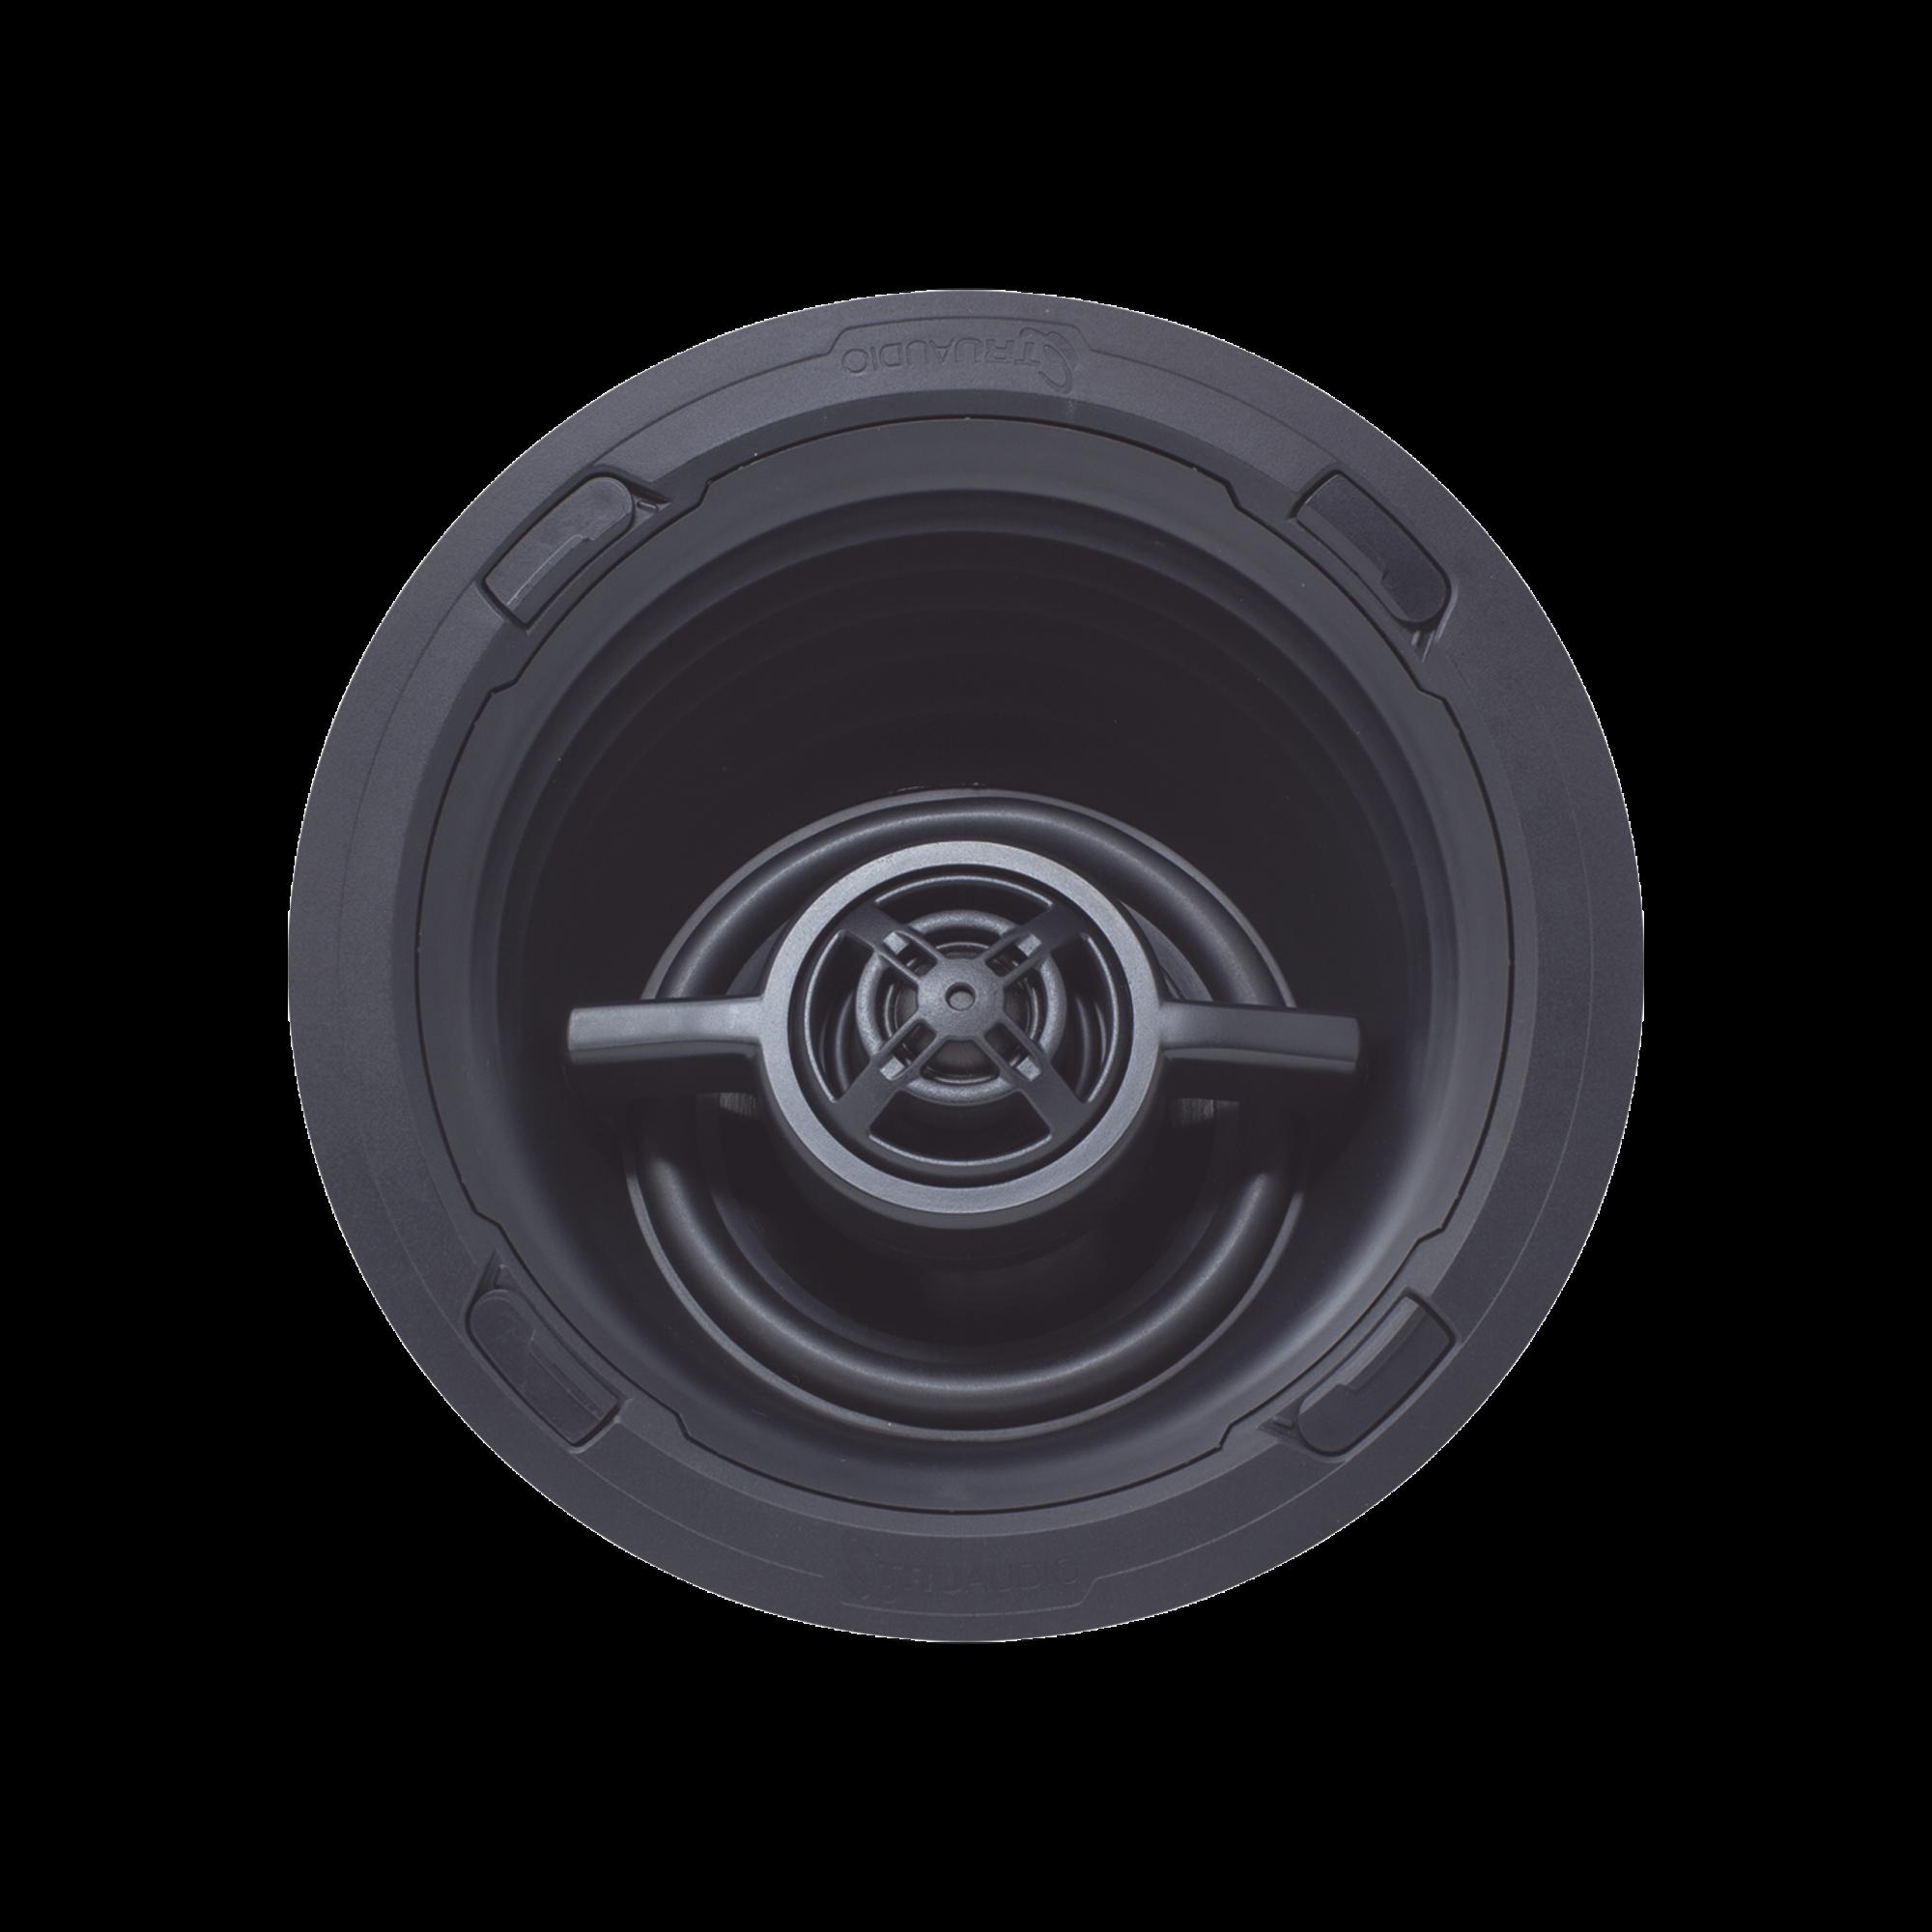 REV Series Altavoz LCR Angulo para Techo de 3 Vias para Cine en Casa | Woofer 7in de Polipropileno |  Tweeter de 1in, 150W, 8?